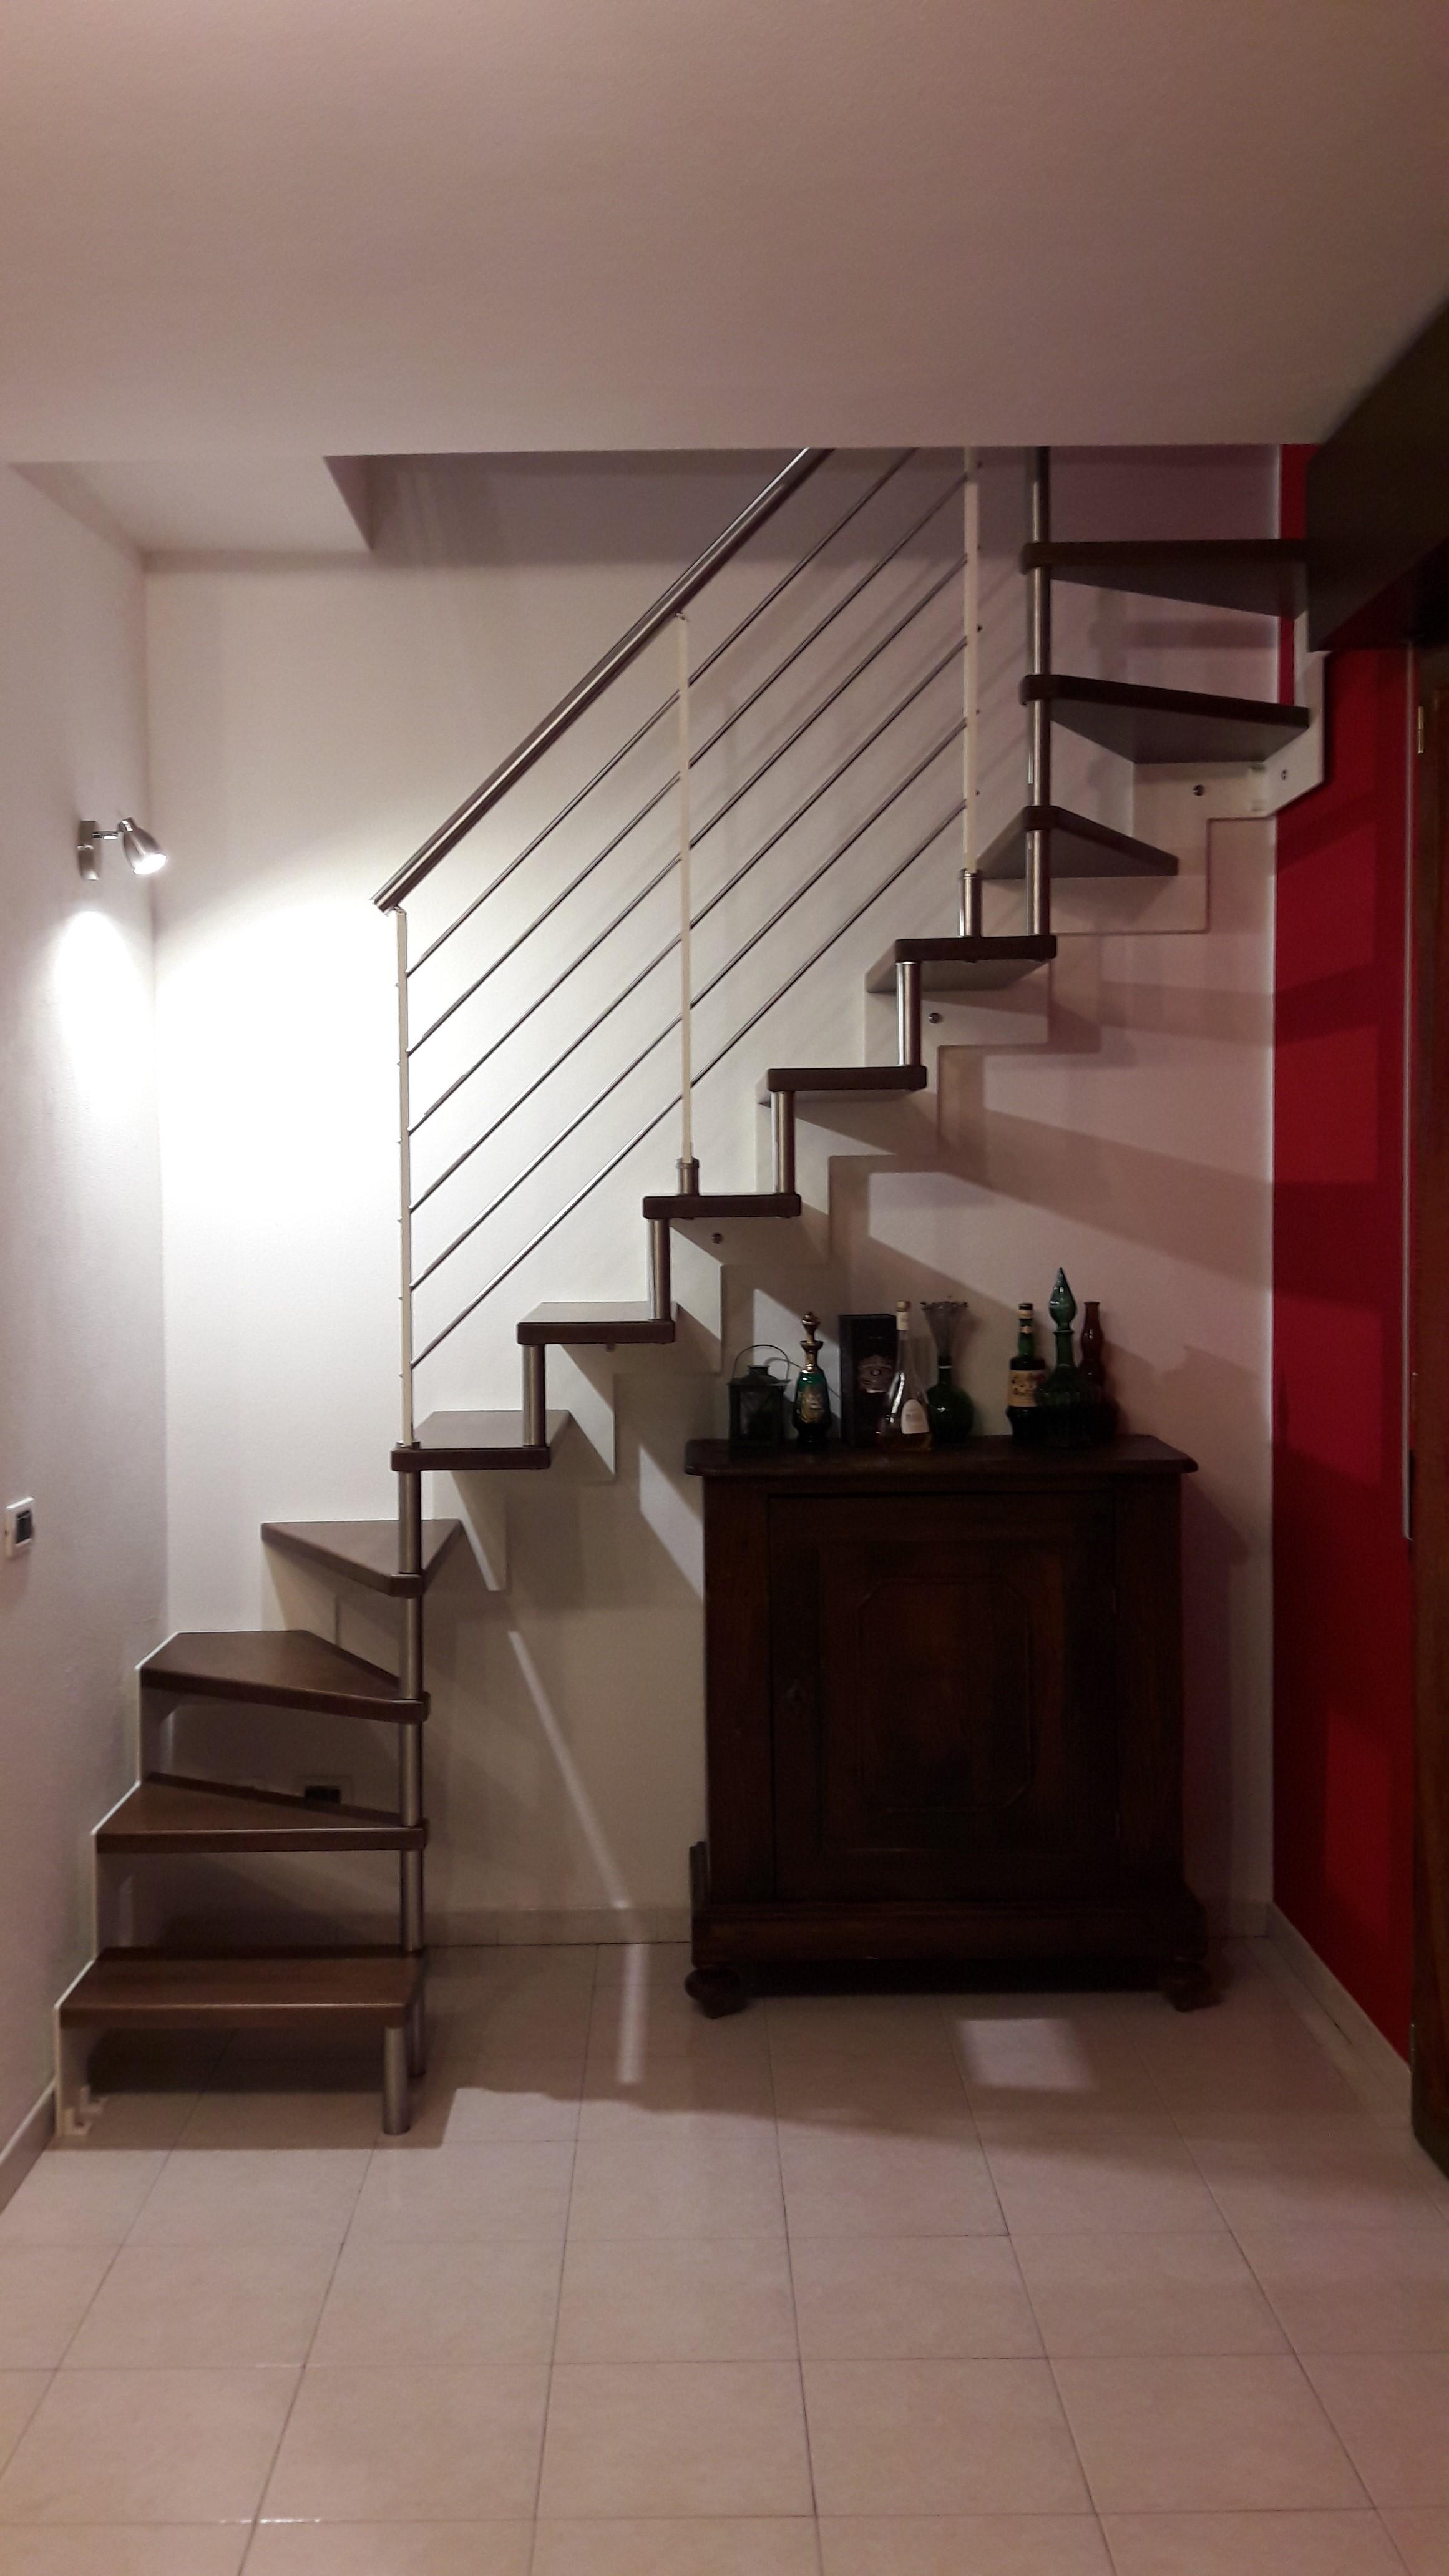 Realizzazione di un'asola tra due appartamenti e posizionamento di una scala prefabbricata in metallo. Galliera (Bo)